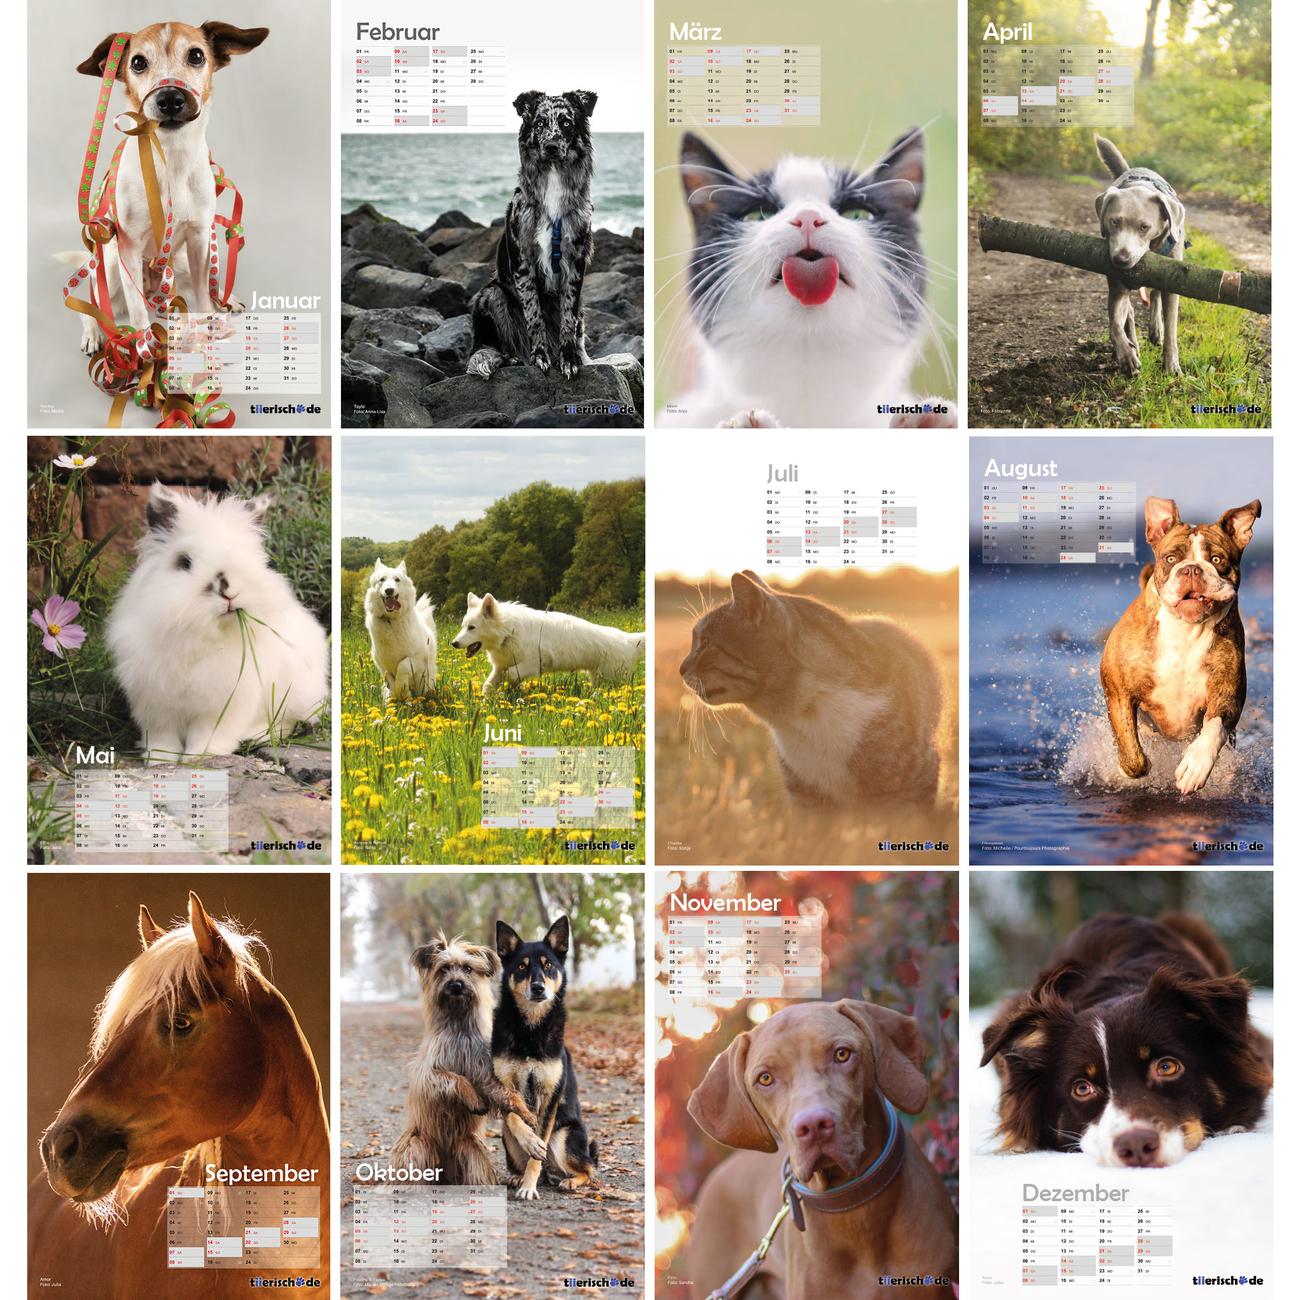 tiierisch.de Kalenderstars 2019 - der tiierische Jahreskalender, Bild 2